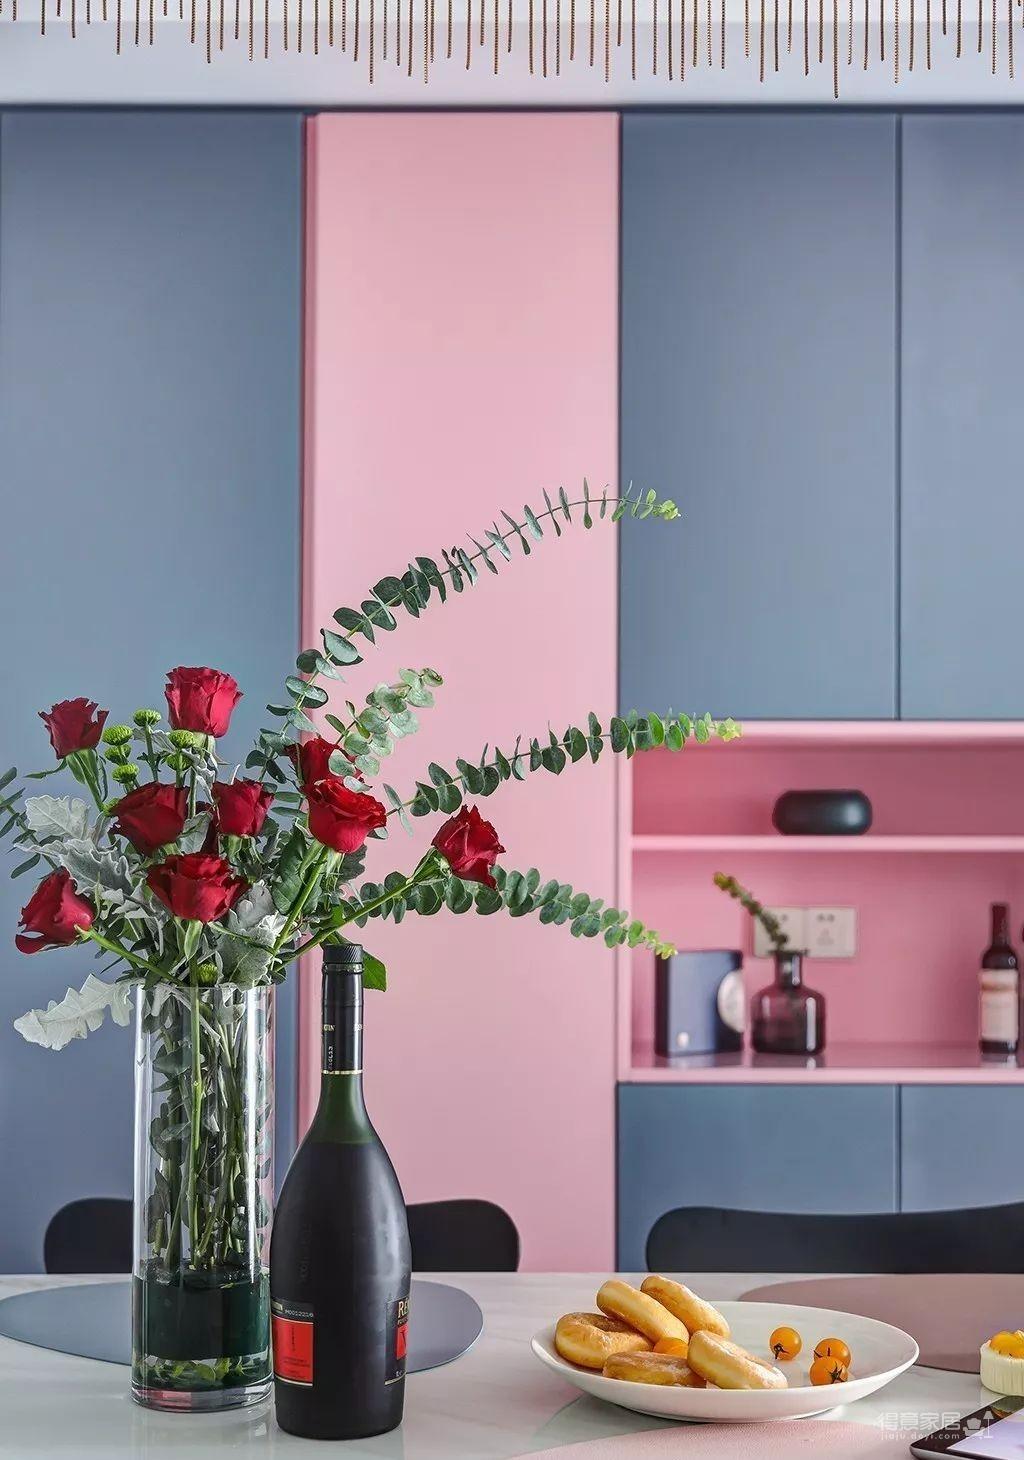 143㎡法式轻奢风格装修,加点色彩、添点格调,美得更高级!图_10